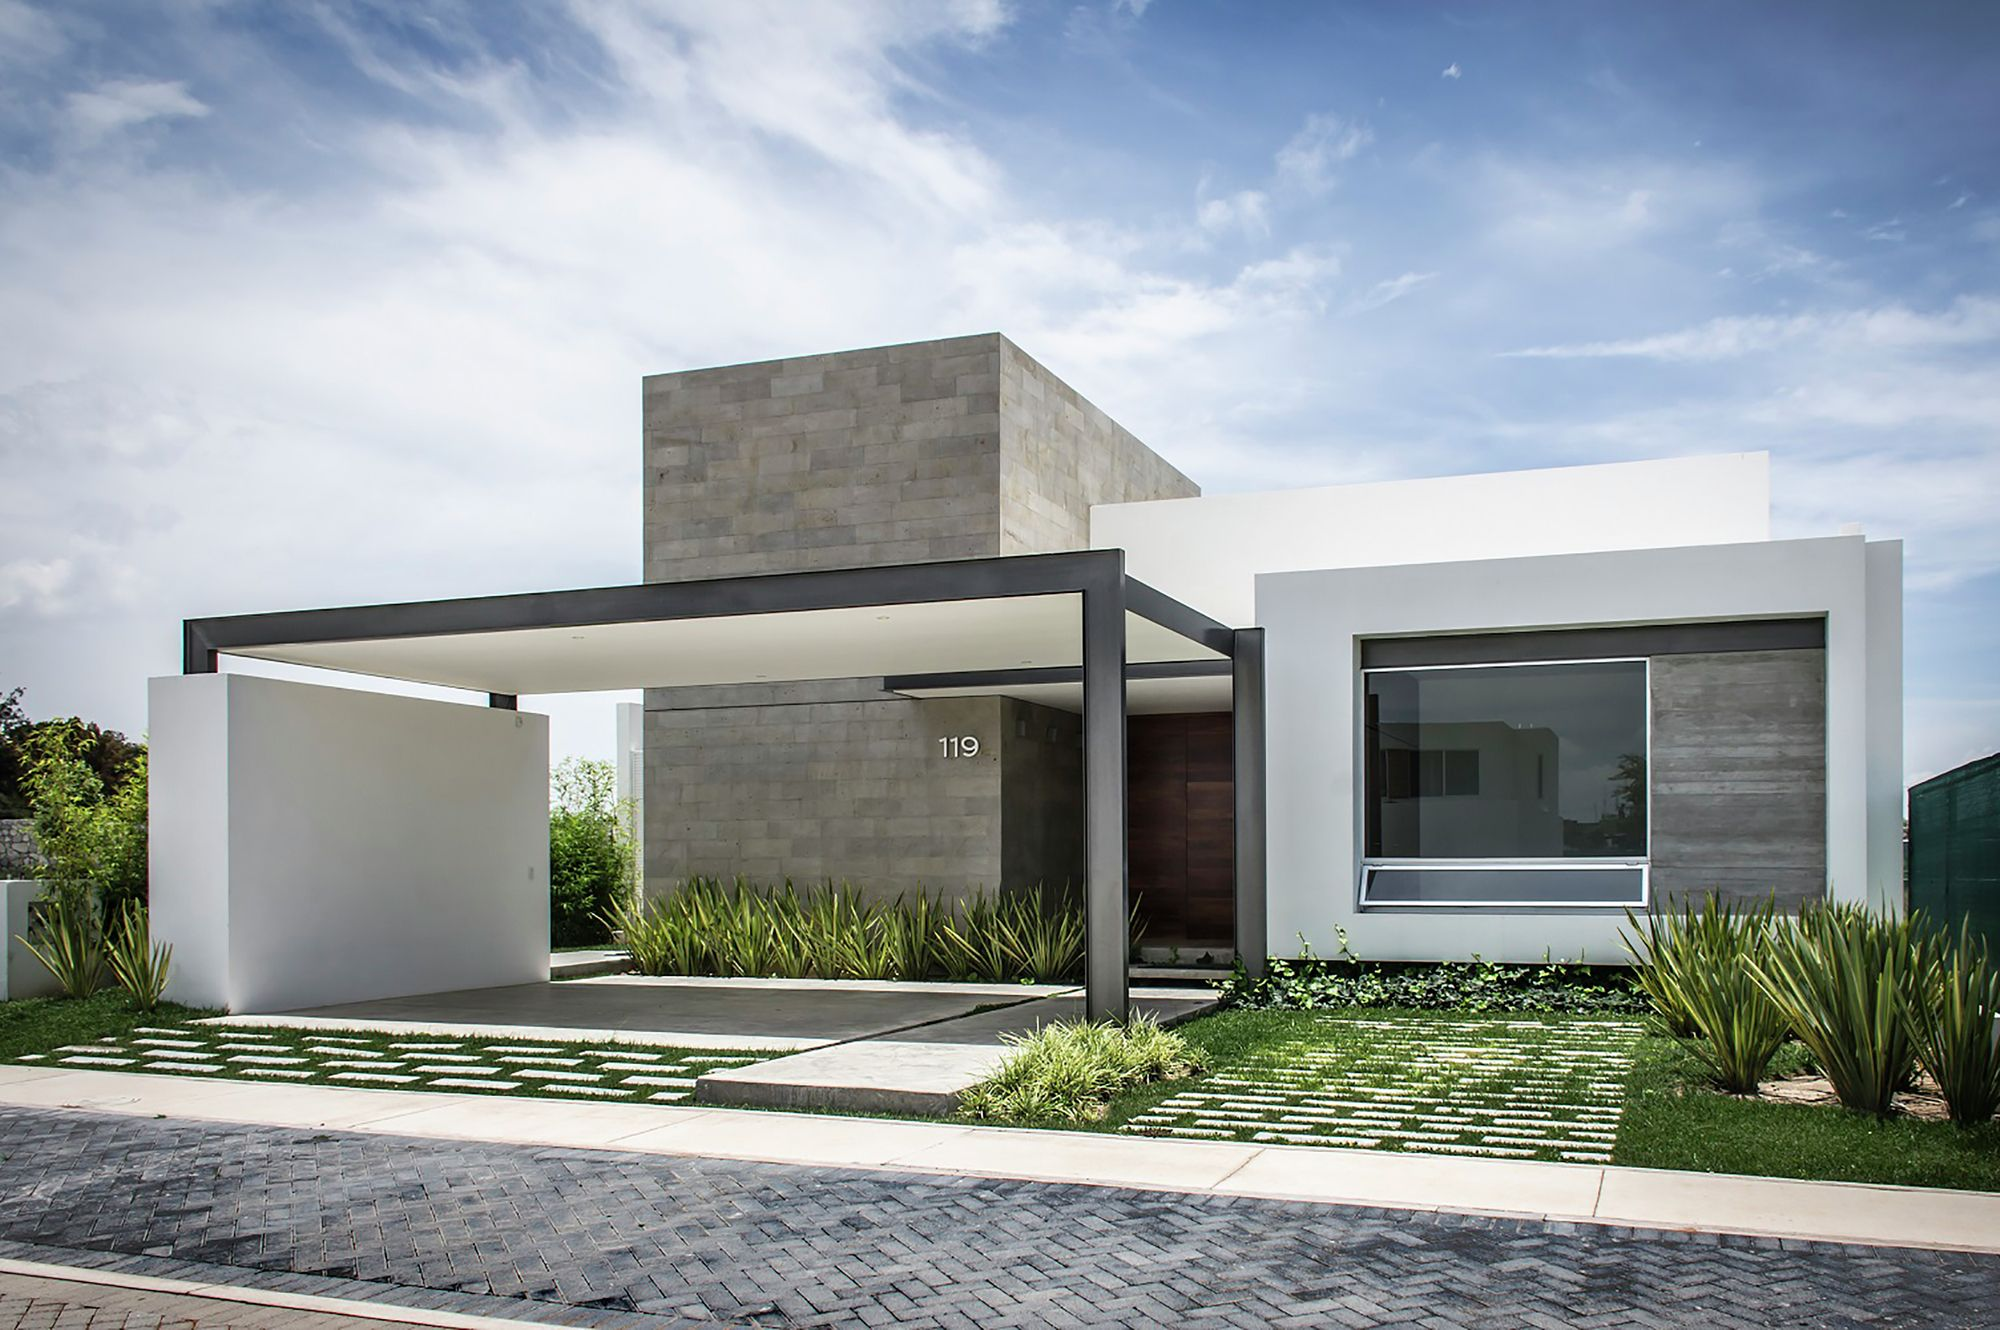 T02 adi arquitectura y dise o interior architecture for Arquitectura y diseno de casas modernas